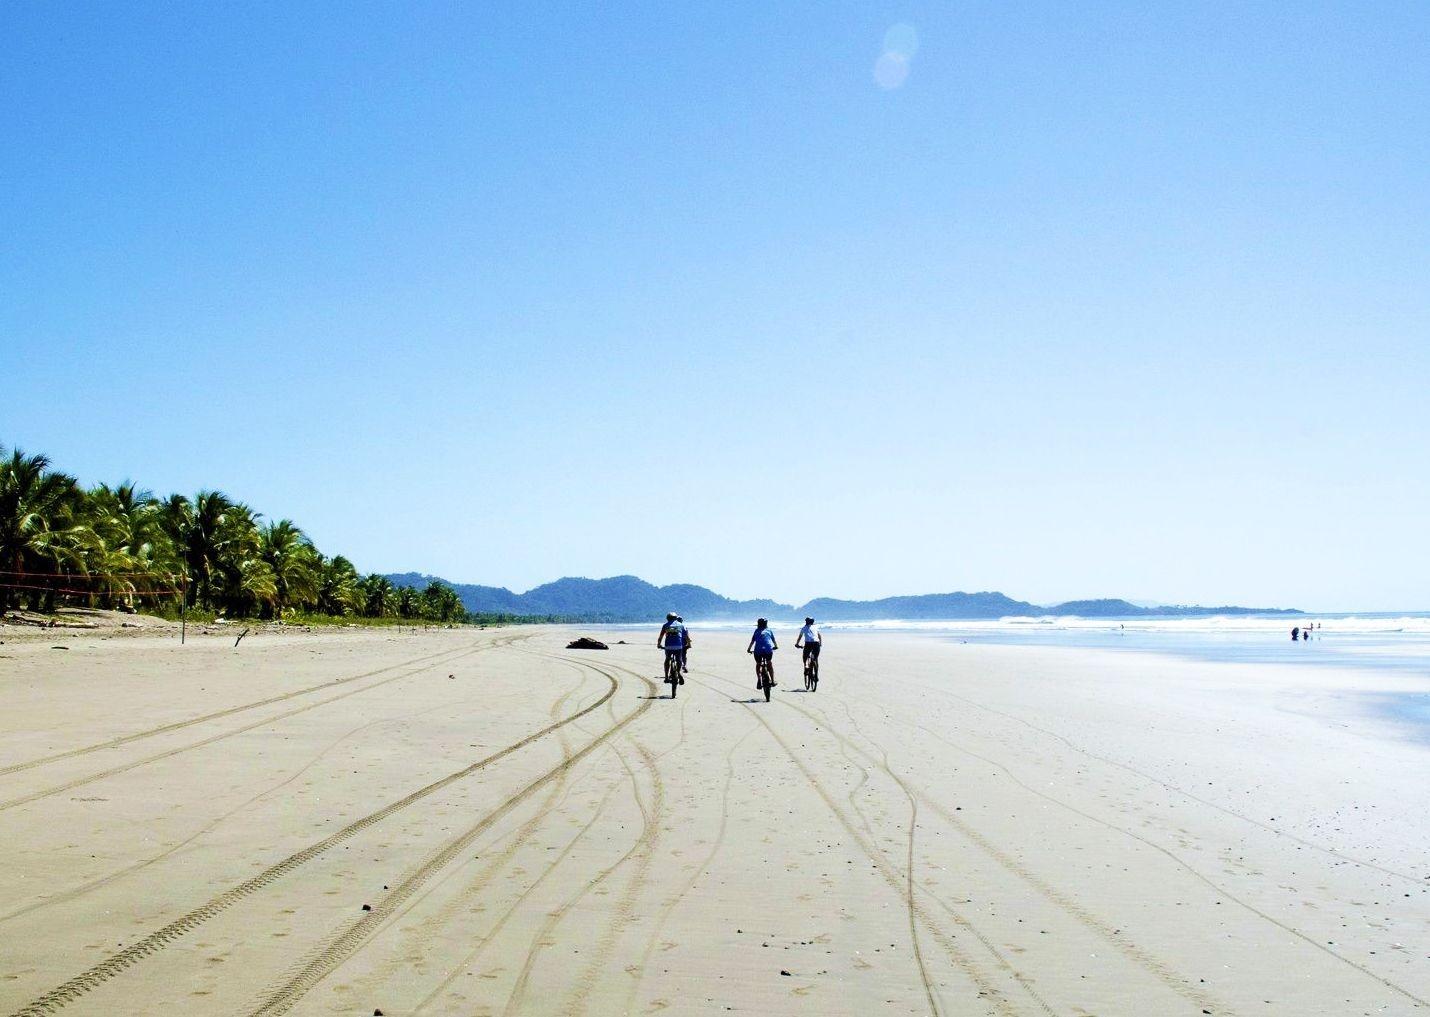 _Holiday.242.15021.jpg - Costa Rica - Volcanes y Playas - Cycling Adventures